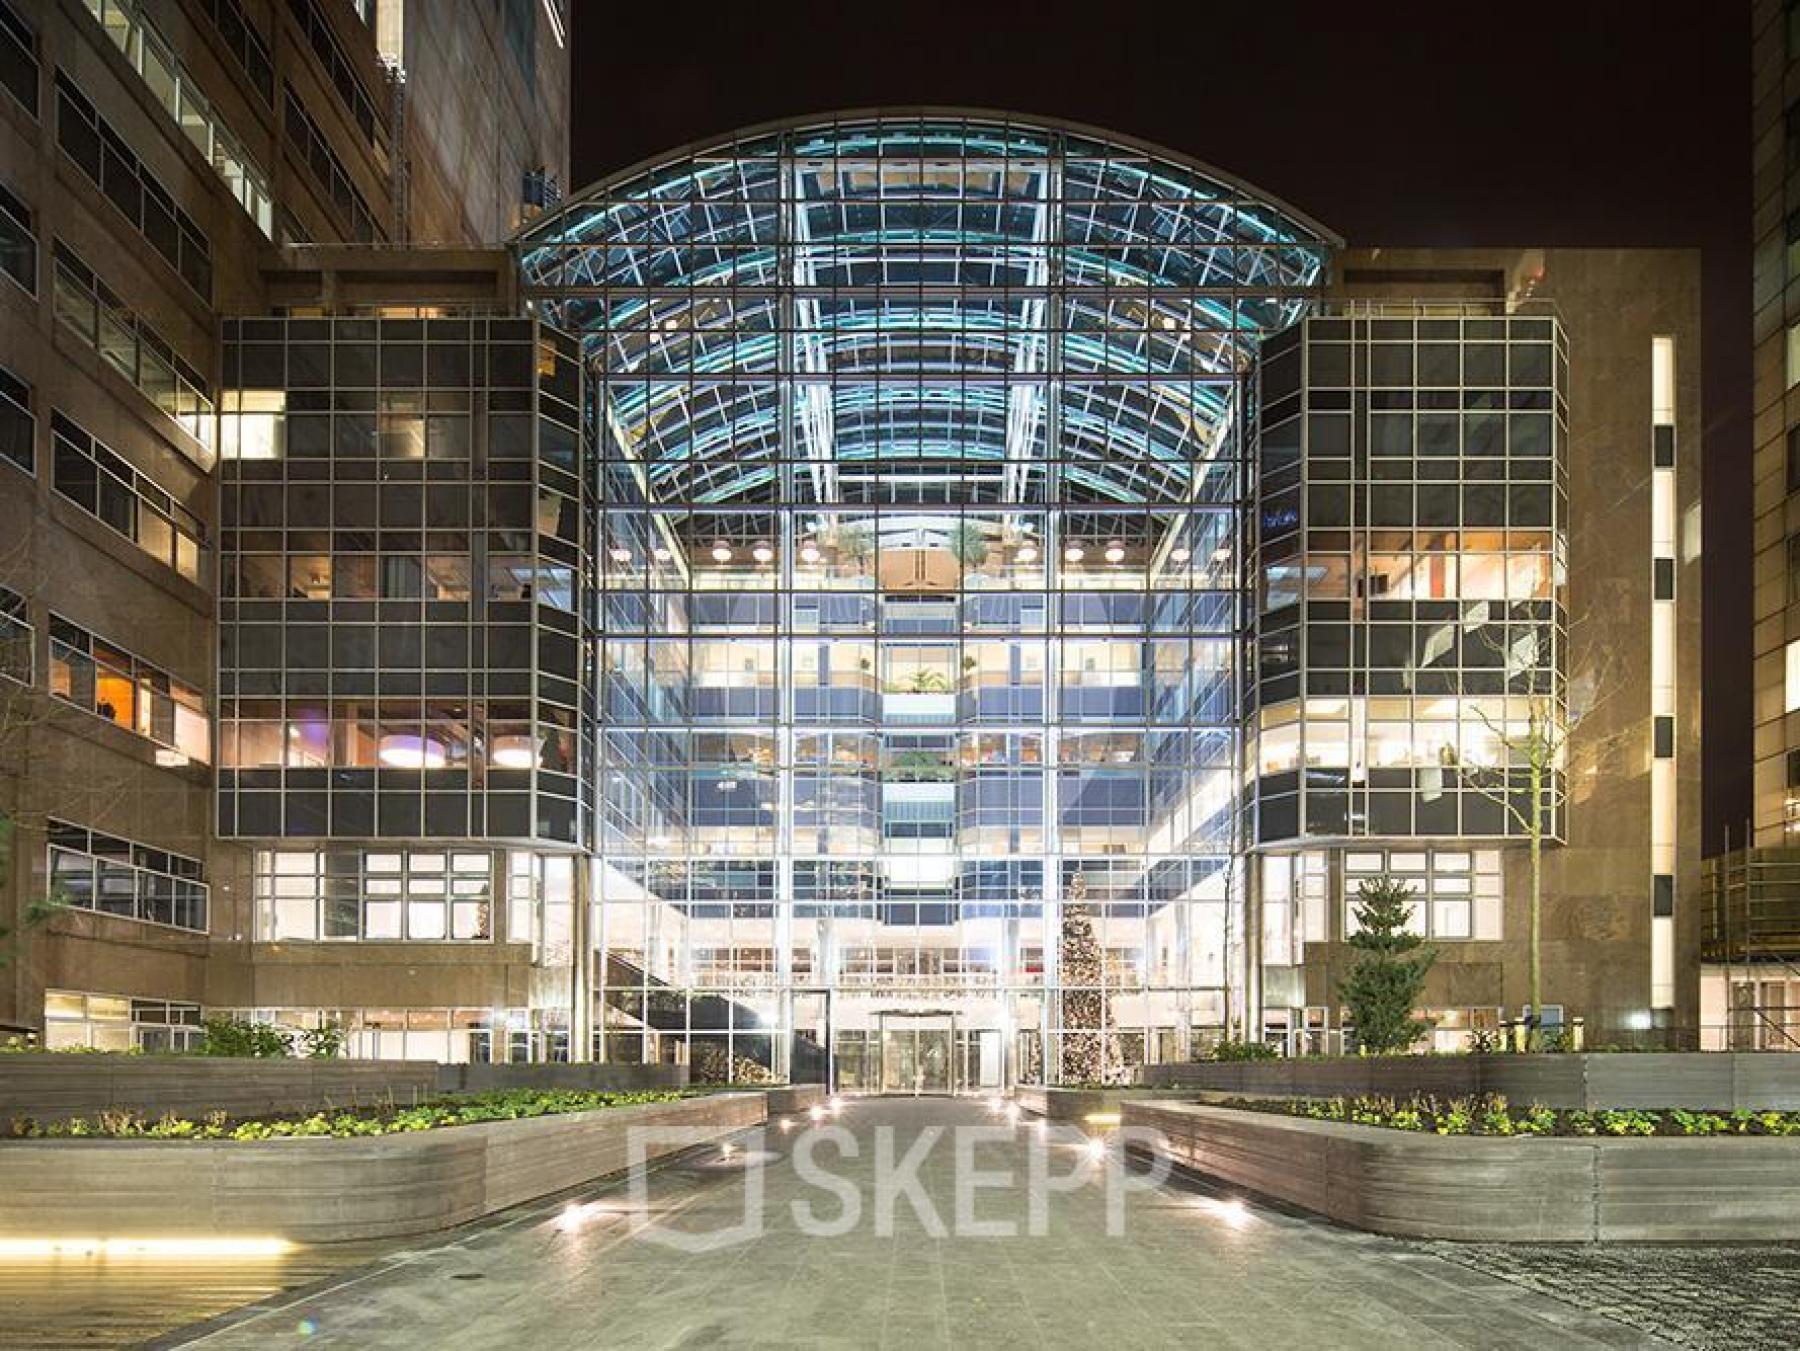 buitenzijde kantoorgebouw amsterdam zuid zuidas lichtinval donker modern amsterdam strawinskylaan